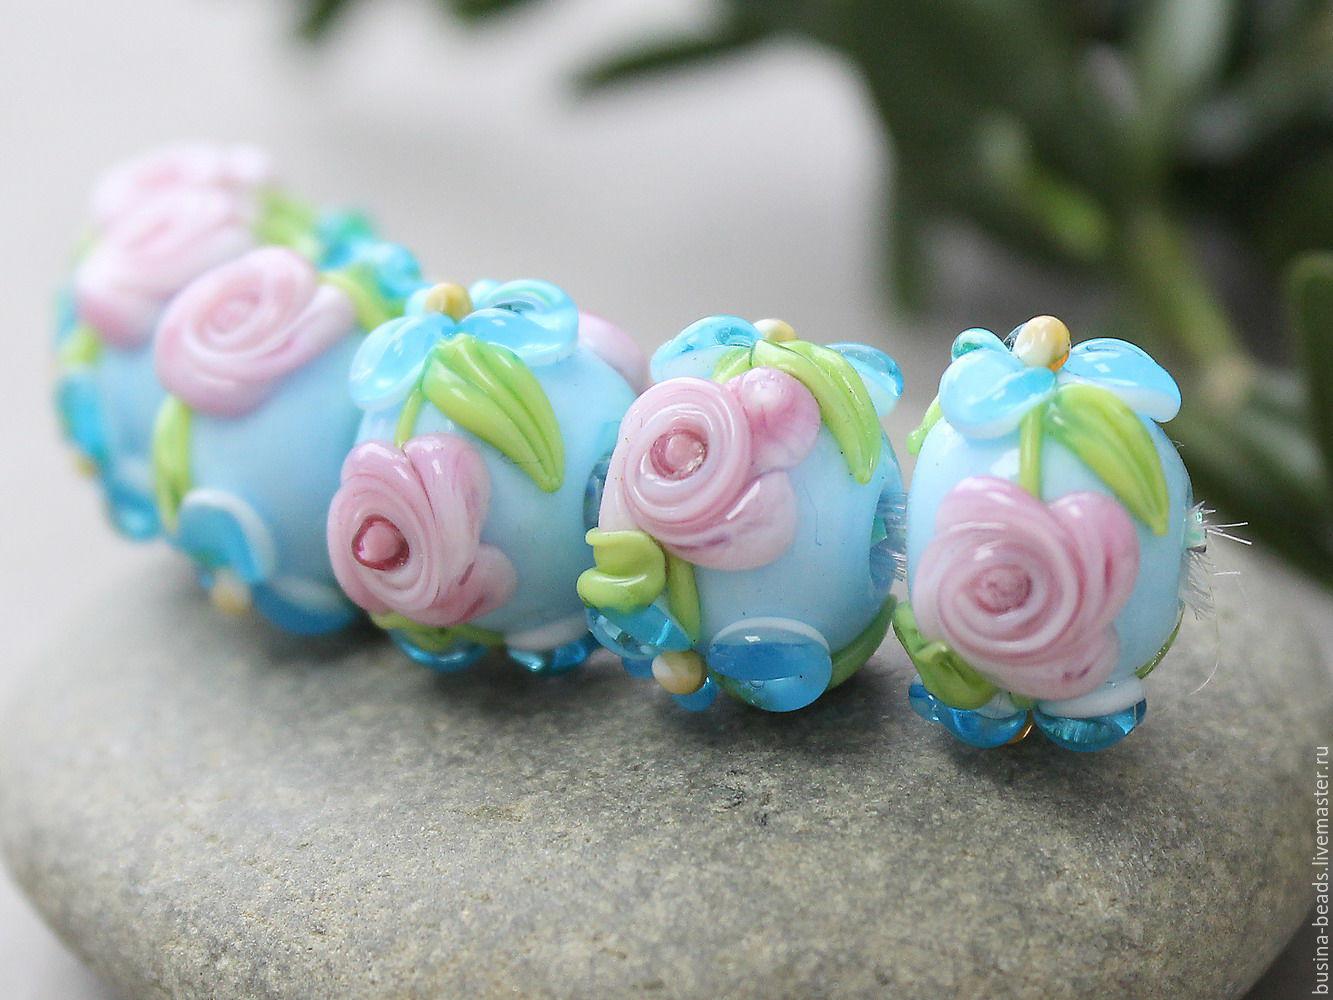 Бусины стеклянные ручной работы, выполненные в технике лэмпворк (lampwork)  Шикарные цветочные бусины лэмпворк синие  бусинки для ваших украшений